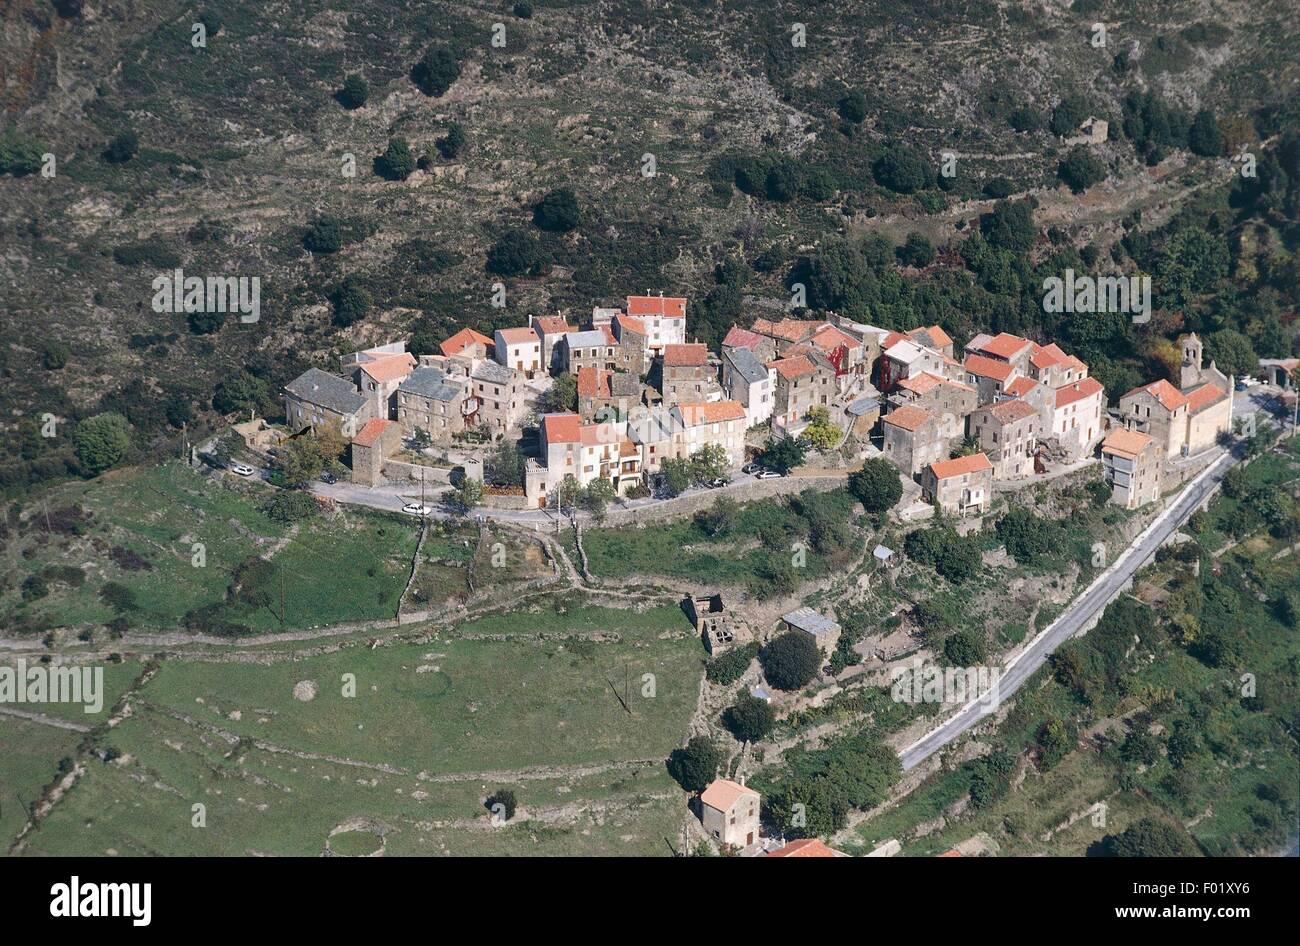 Vue aérienne de Omessa - Corse, France Banque D'Images